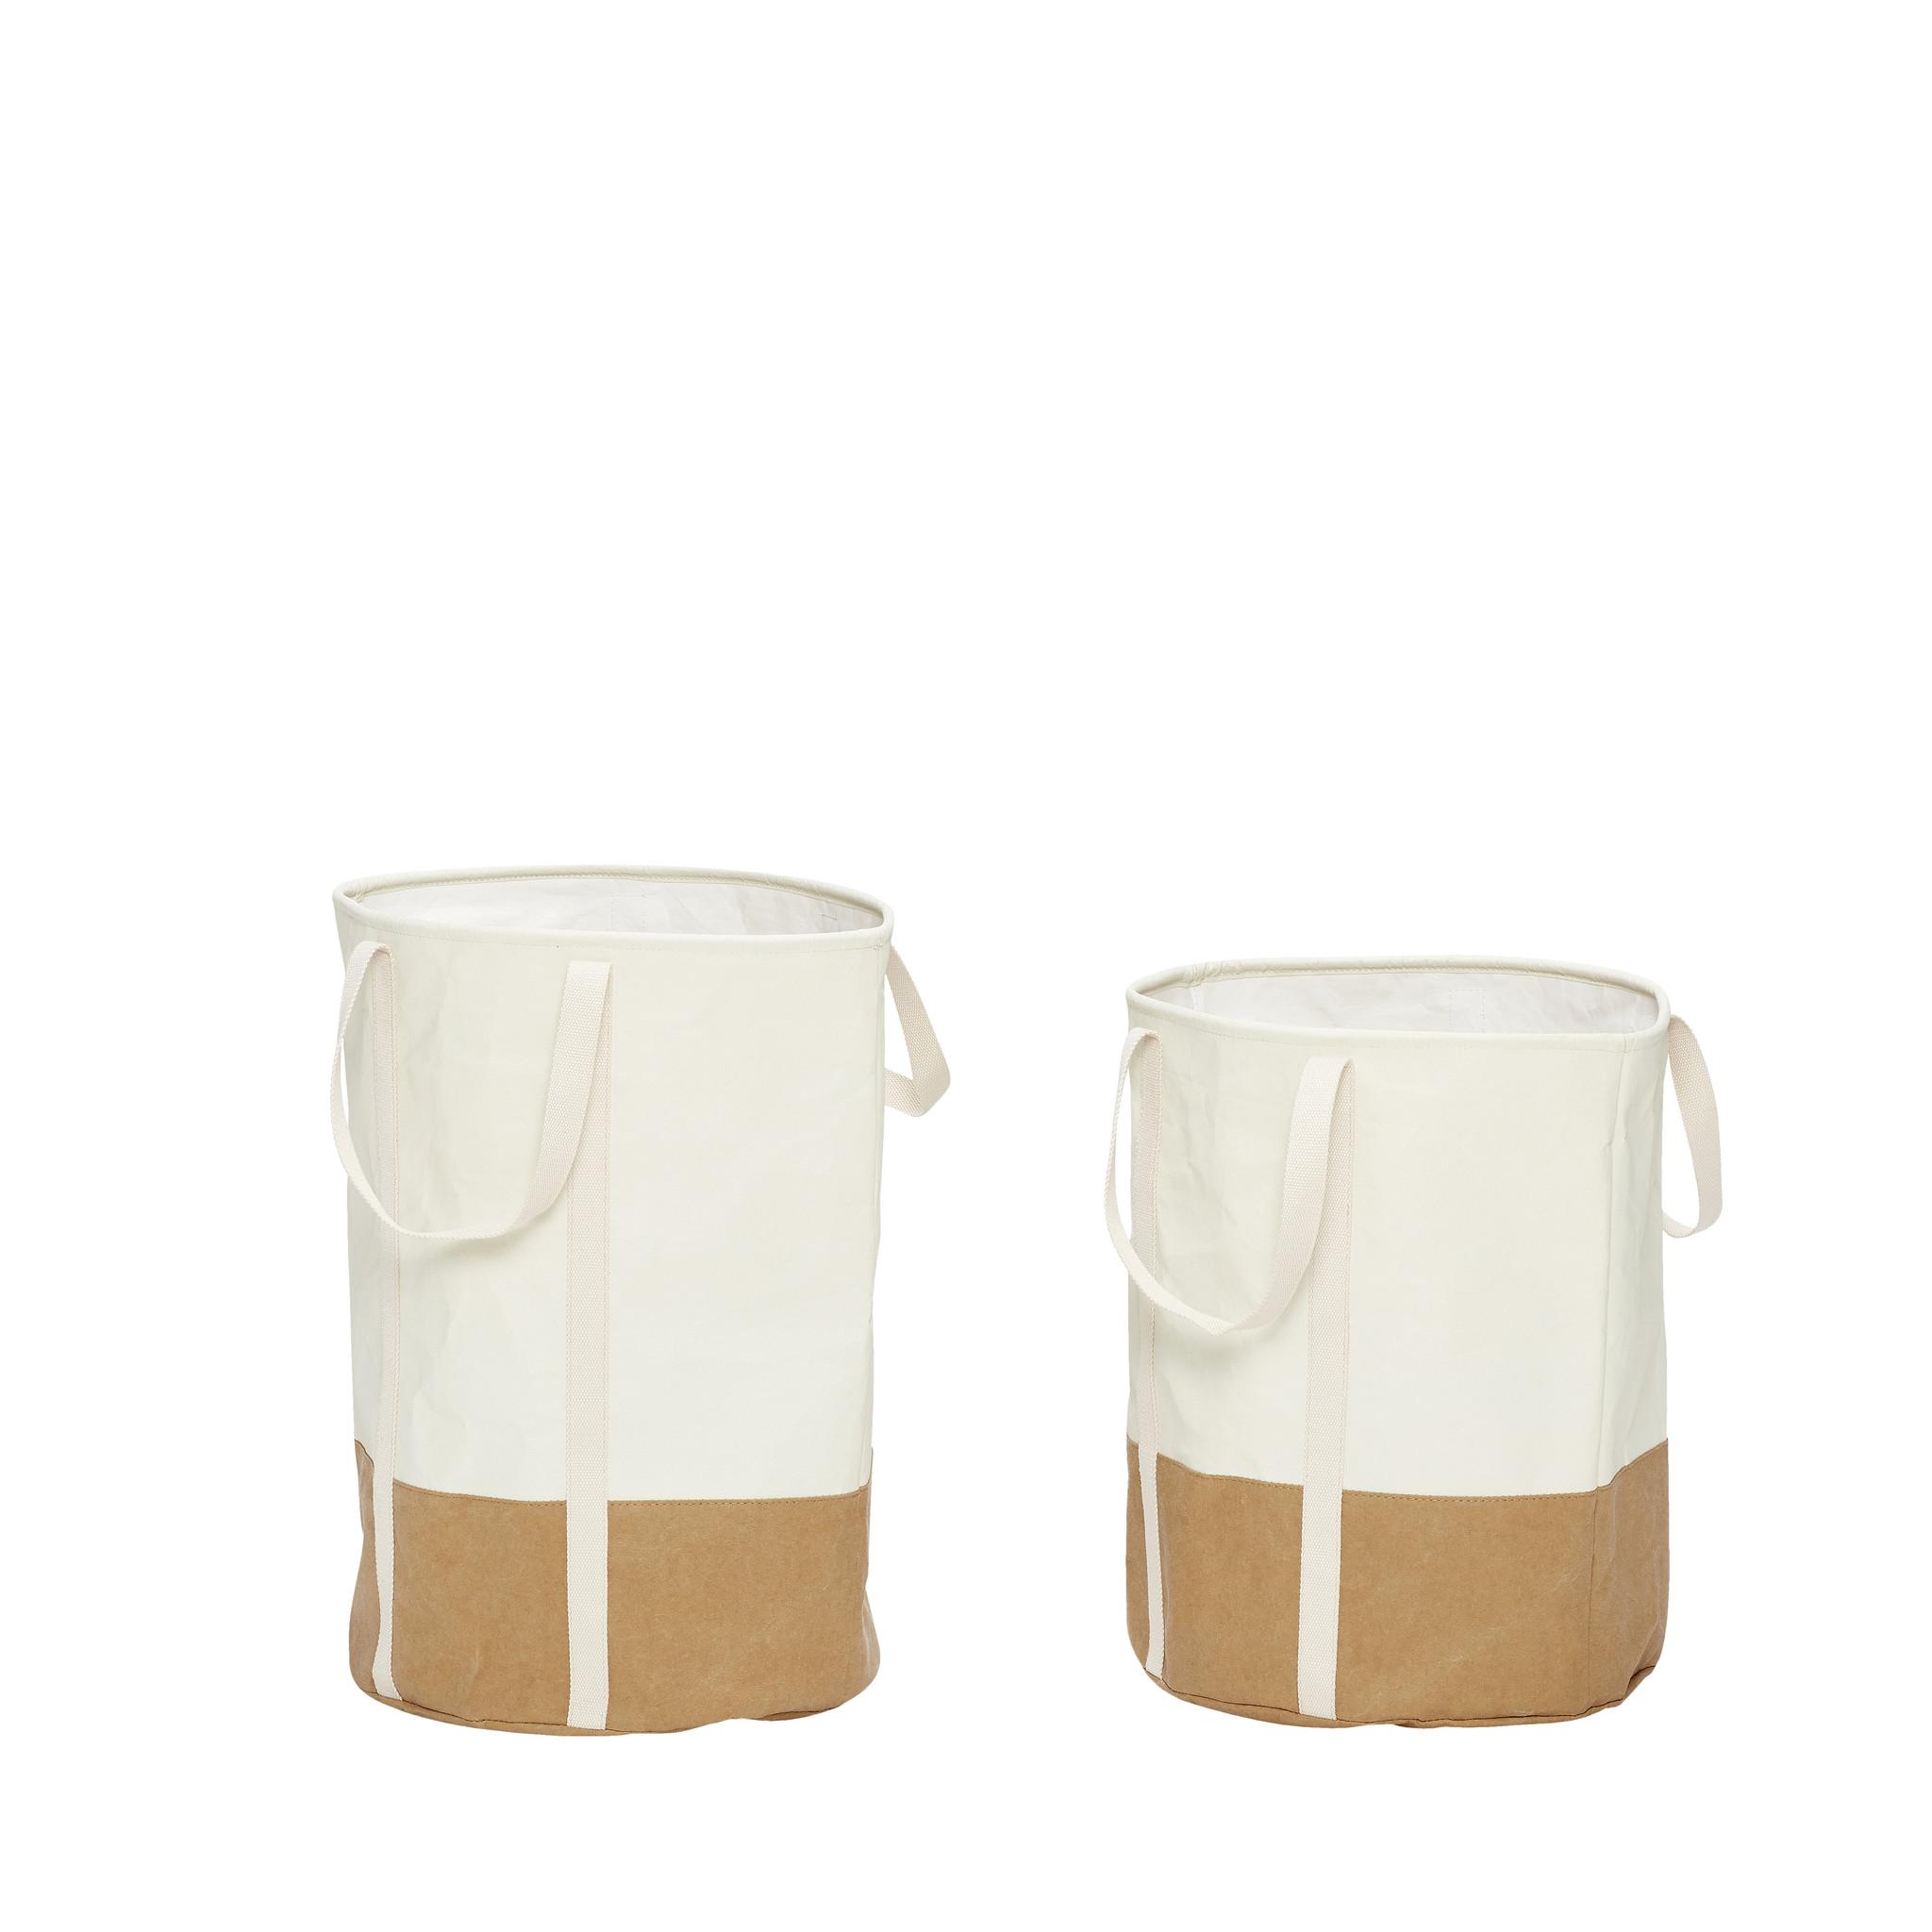 Hubsch Wasmand, rond, wasbaar papier, wit / bruin, set van 2-180505-5712772036051